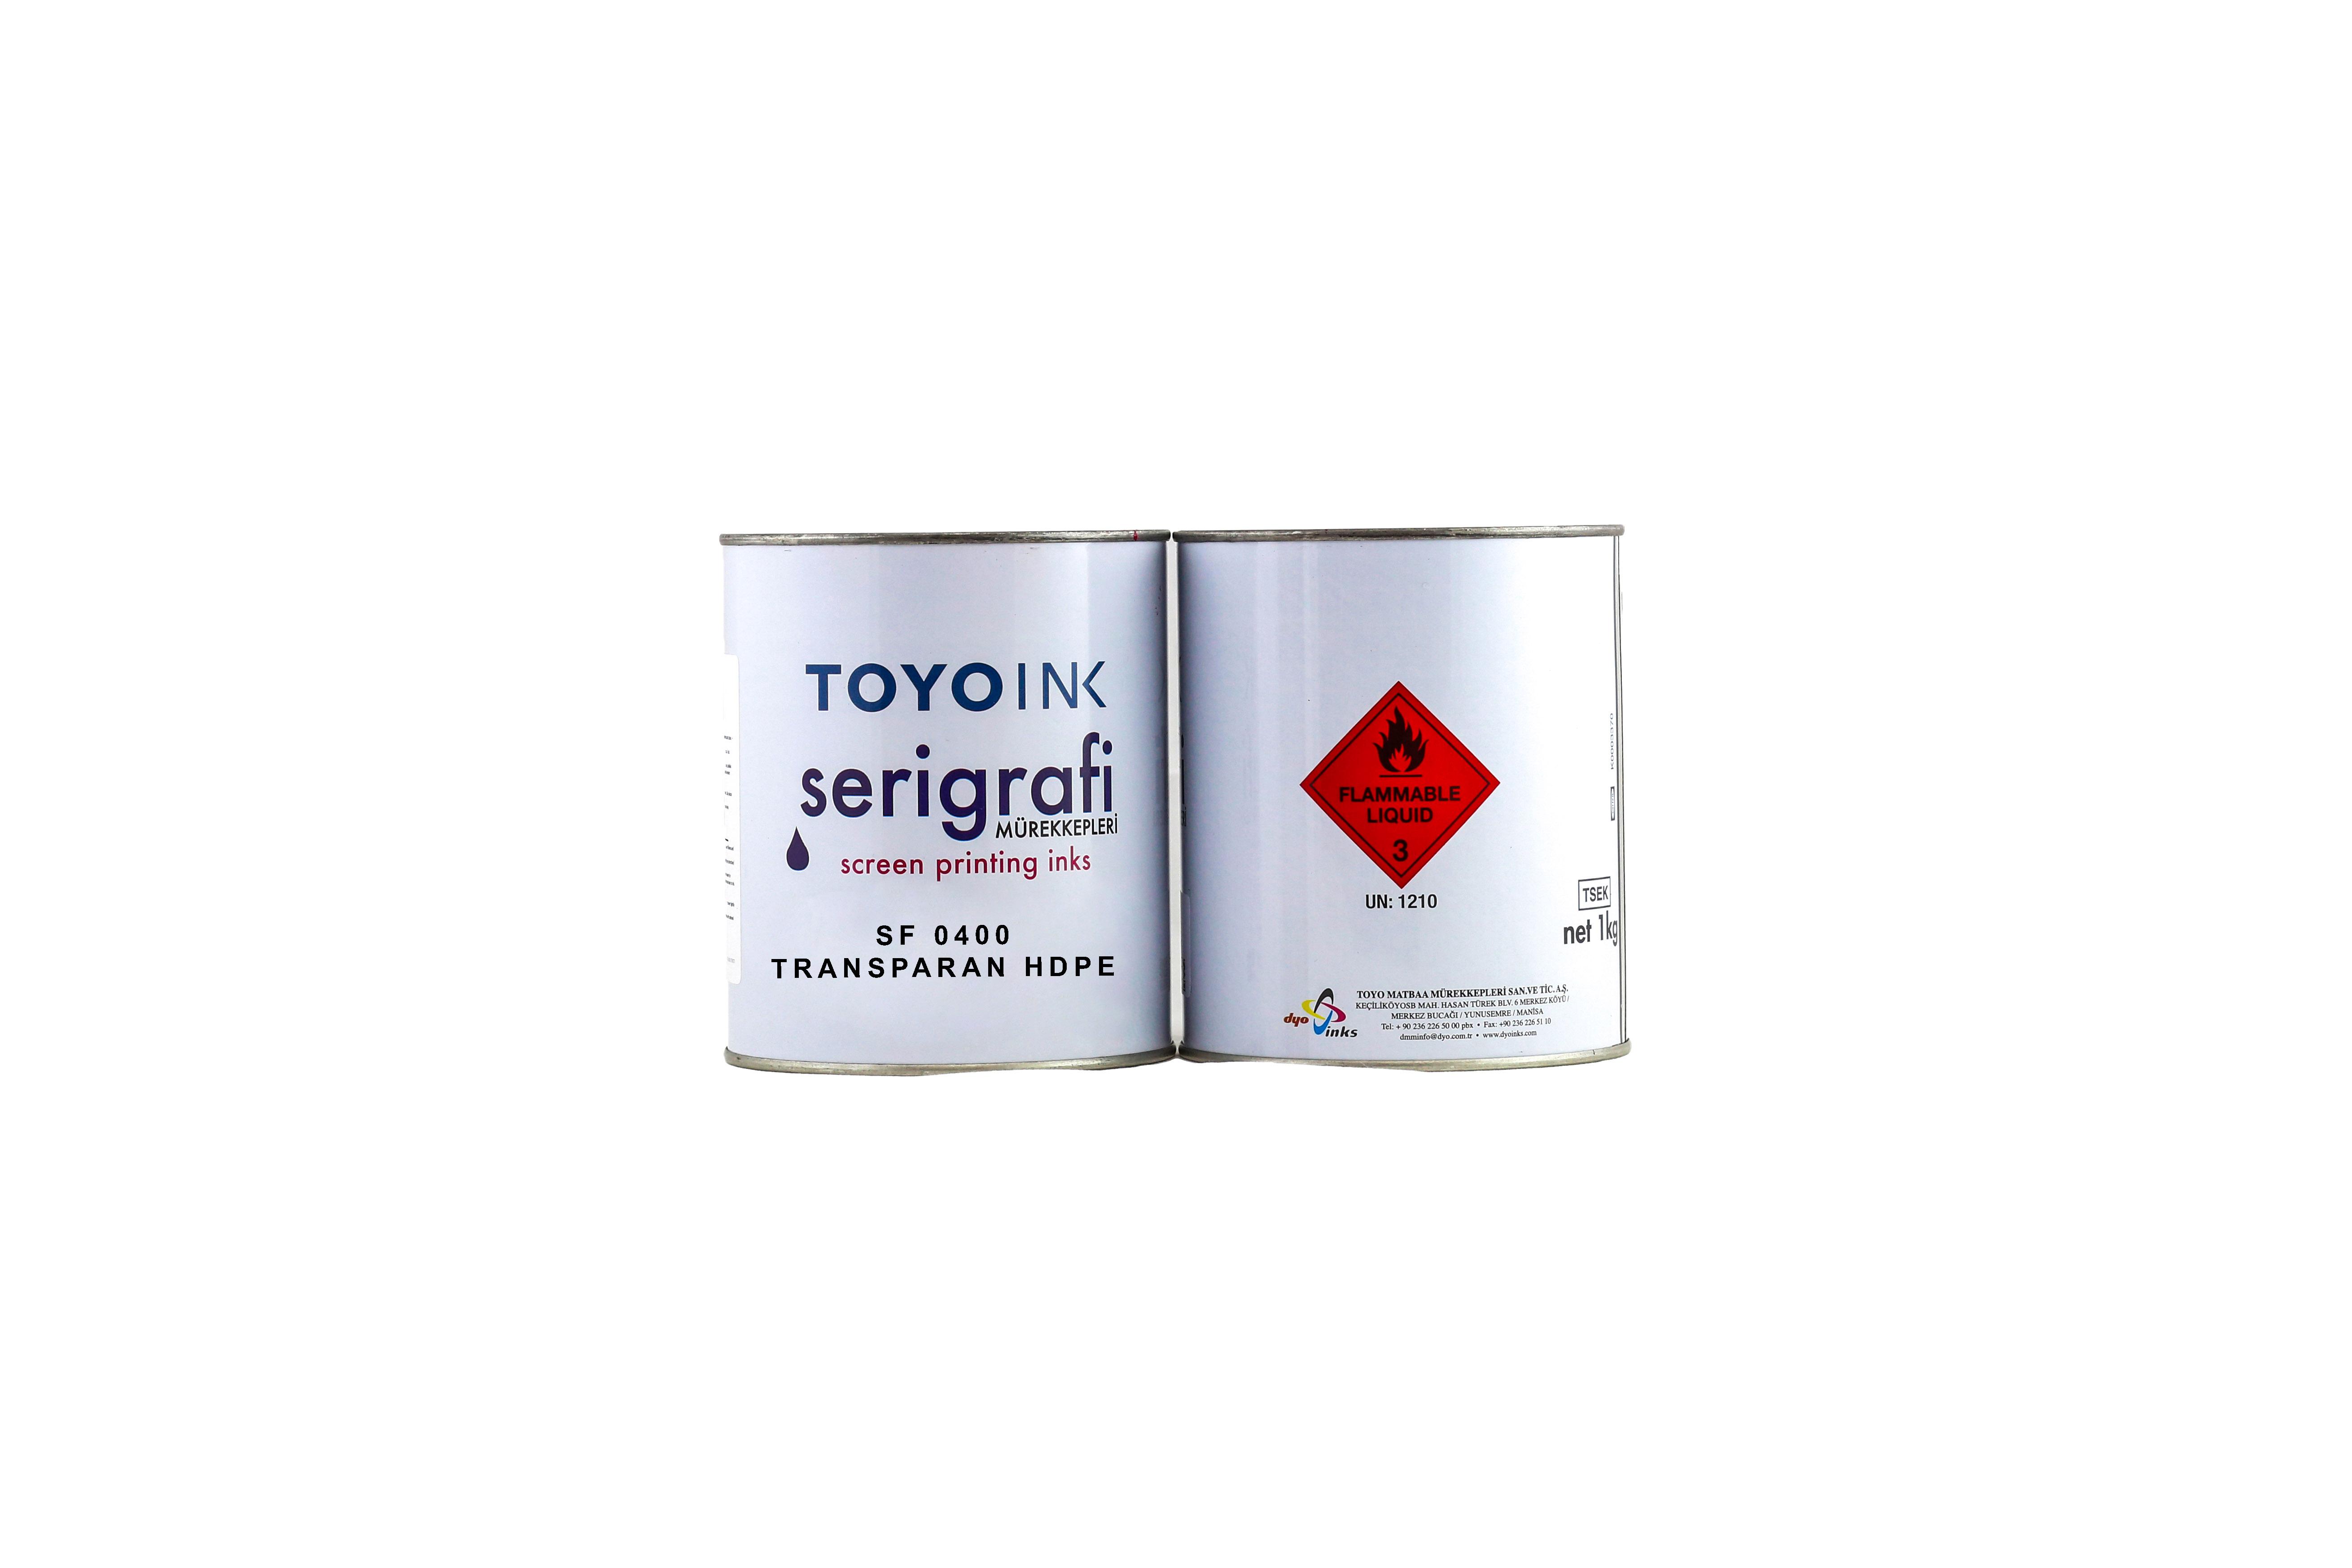 Toyo Ink - SF 0400 Tranparan HDPE 1